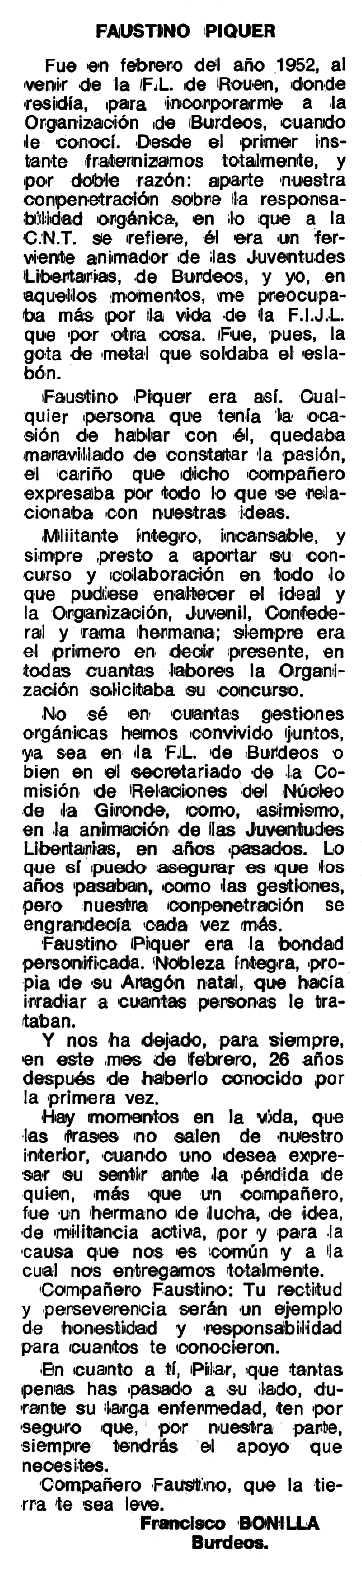 """Necrològica de Faustino Piquer Nicolau apareguda en el periòdic tolosà """"Espoir"""" del 13 de març de 1978"""